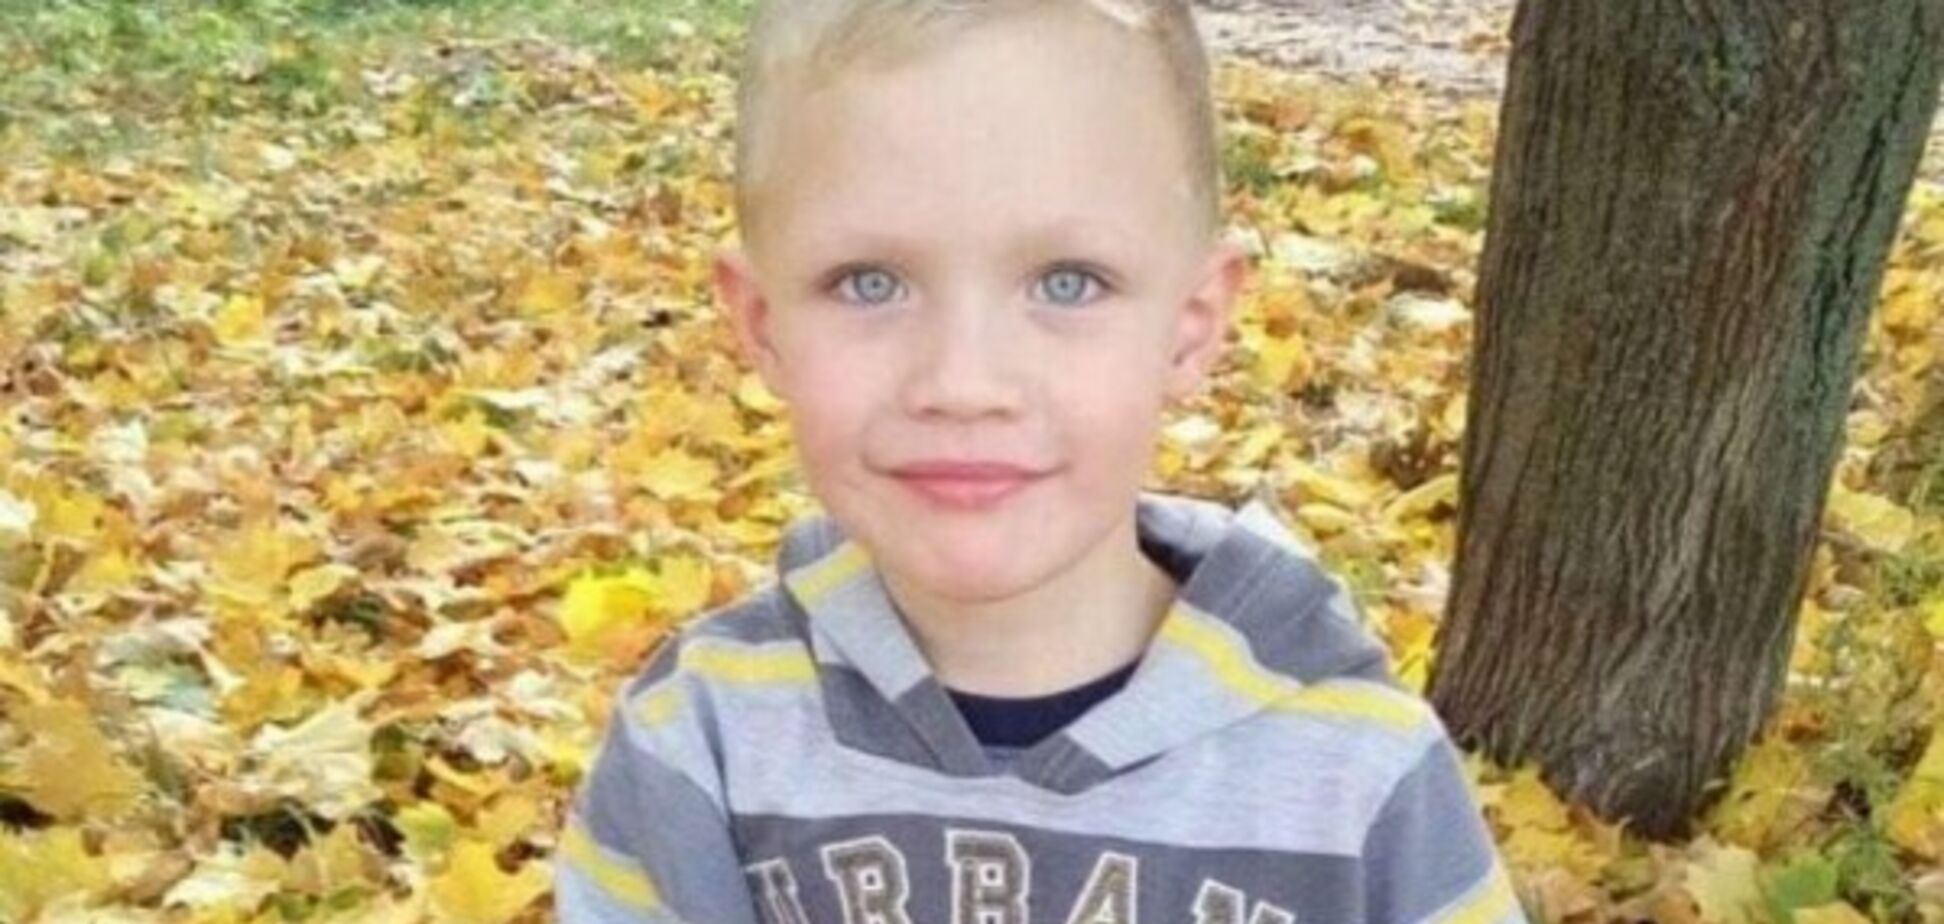 Вбивство дитини під Києвом: у справі трапився скандальний поворот